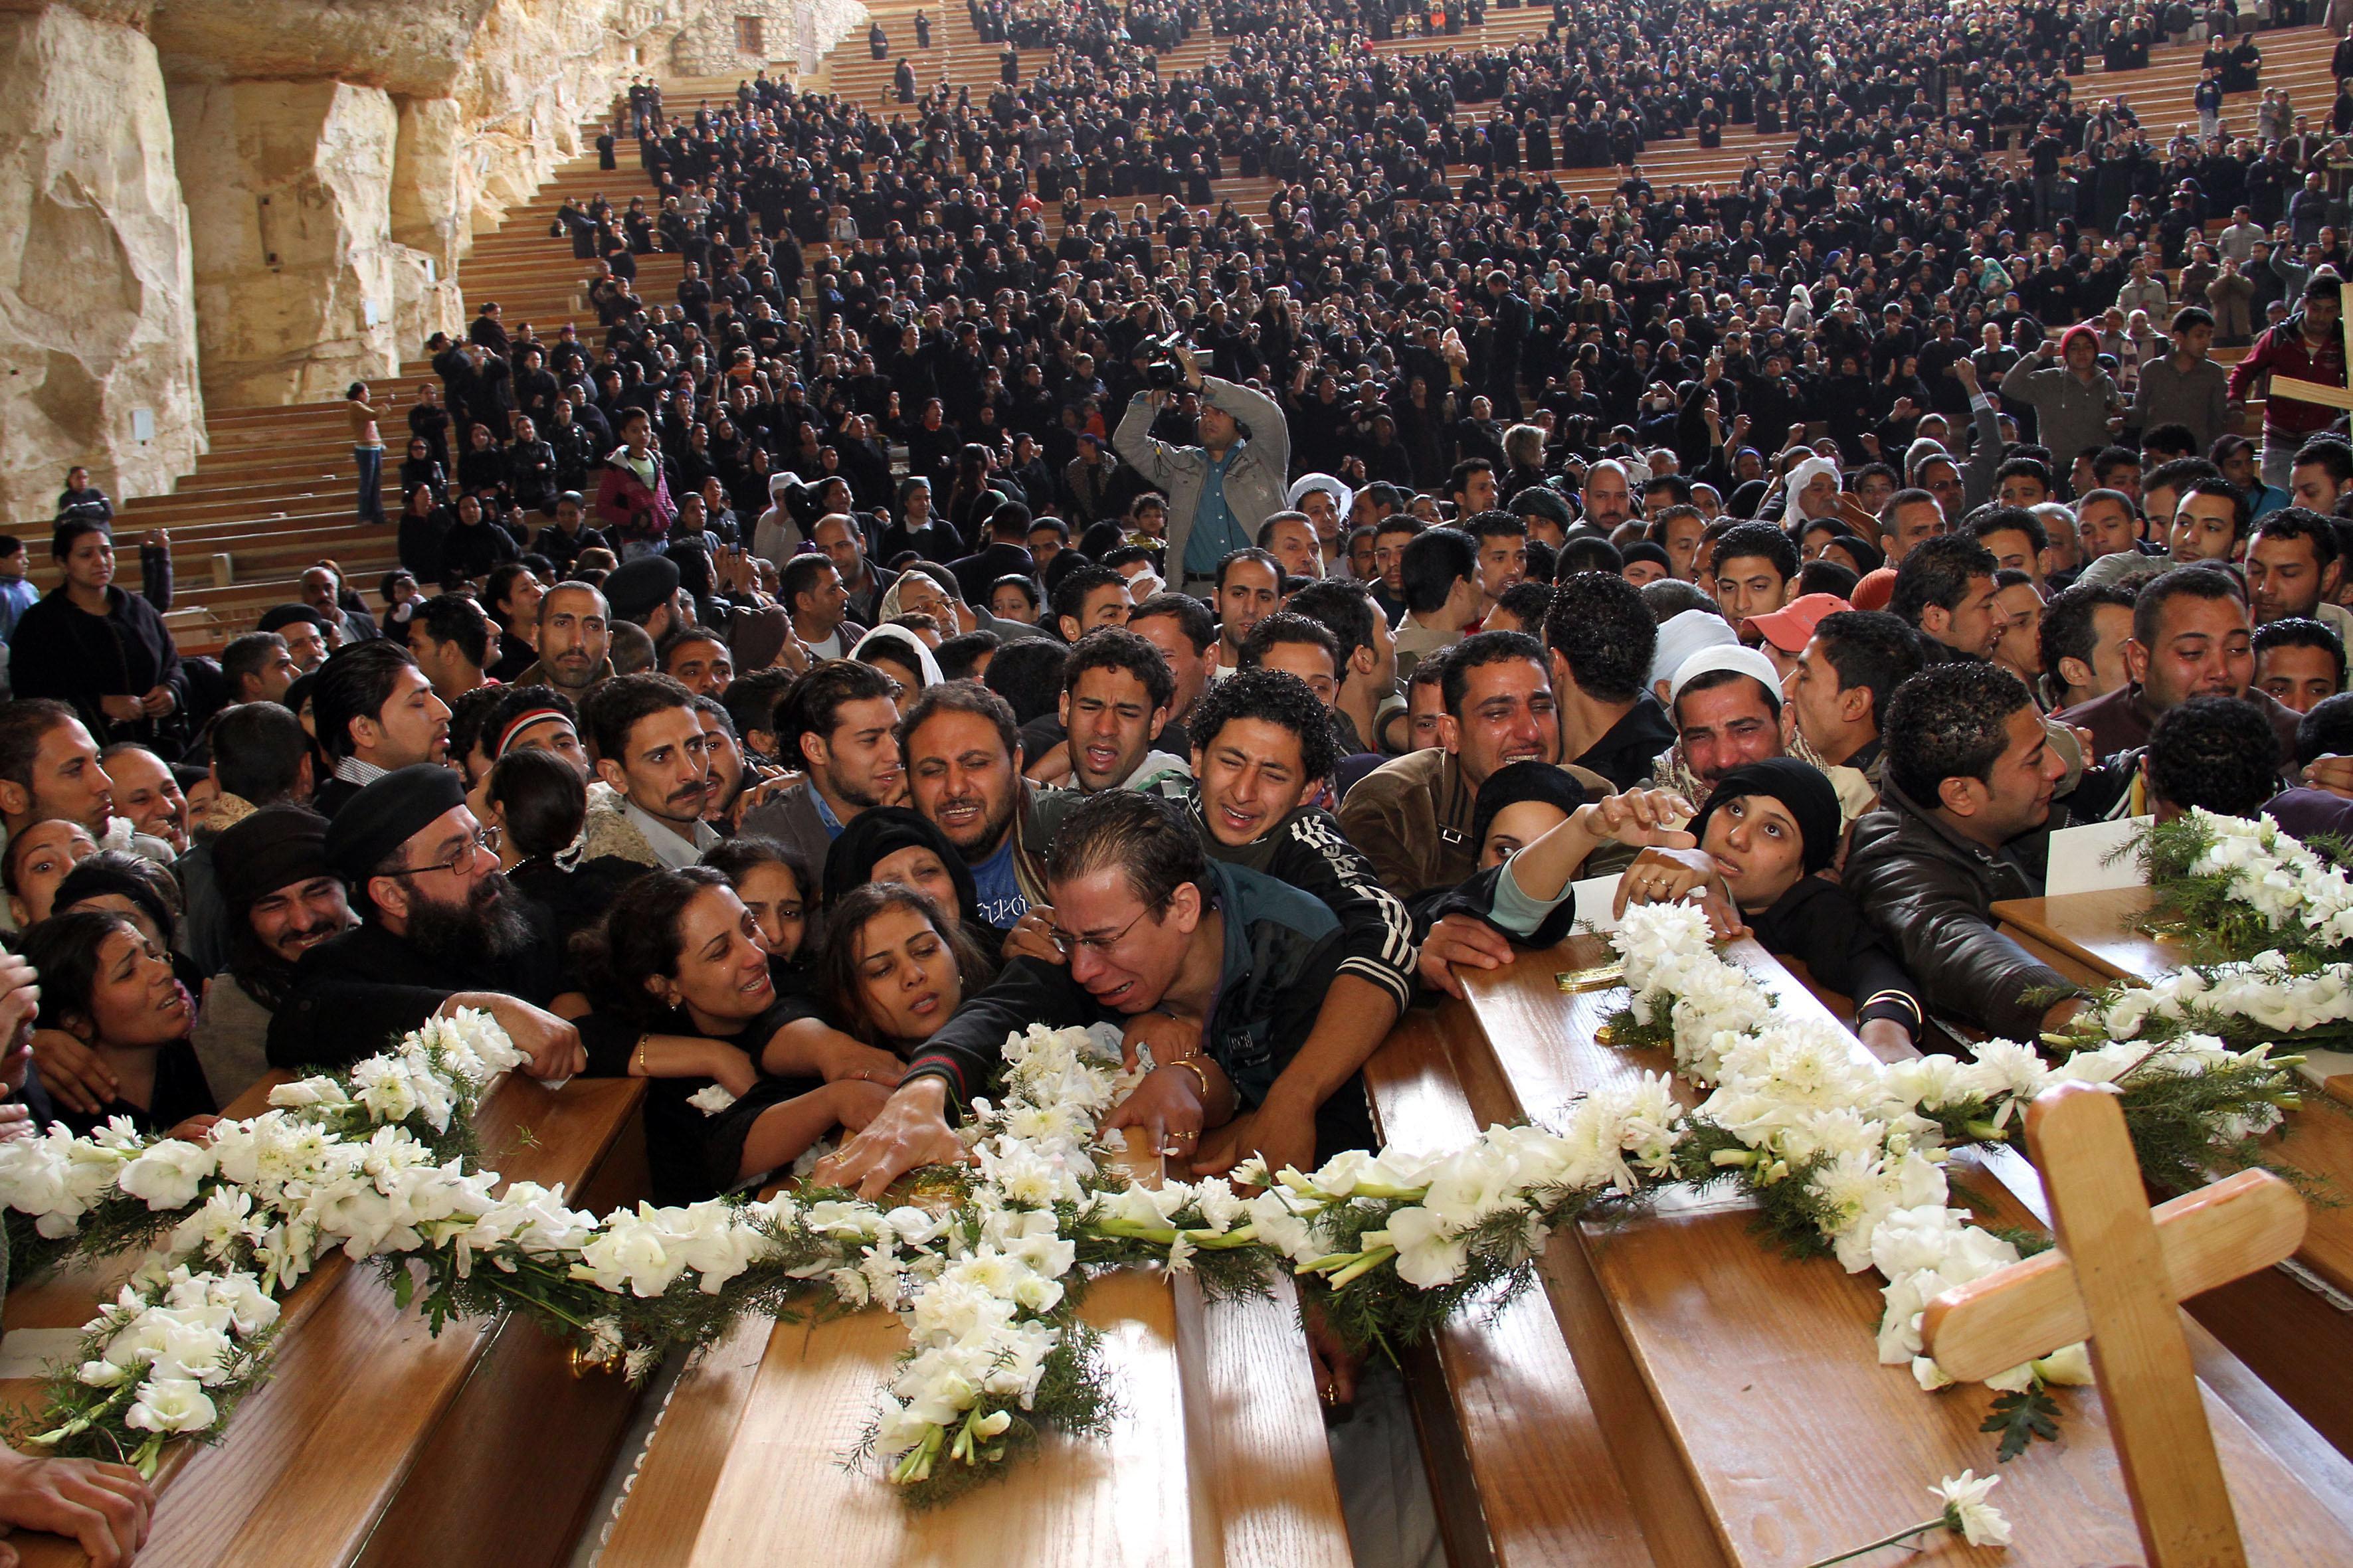 7777088332_des-chretiens-coptes-assistent-aux-funerailles-de-leurs-proches-tues-lors-de-violences-confessionnelles-archives